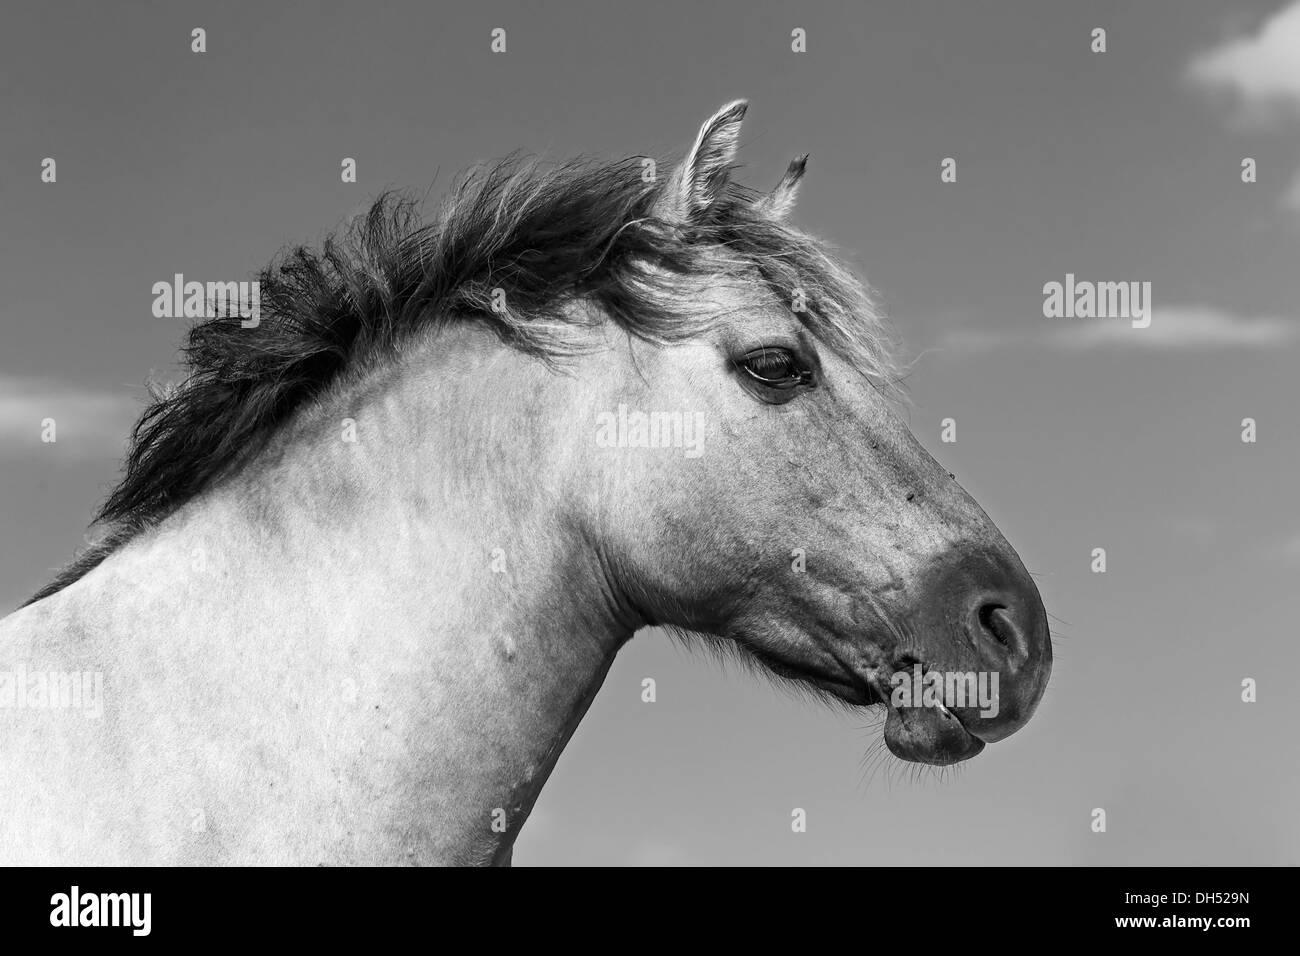 Konik horse (Equus przewalskii f caballus), Tarpan or Przewalski's horse breeding back, portrait, Germany - Stock Image